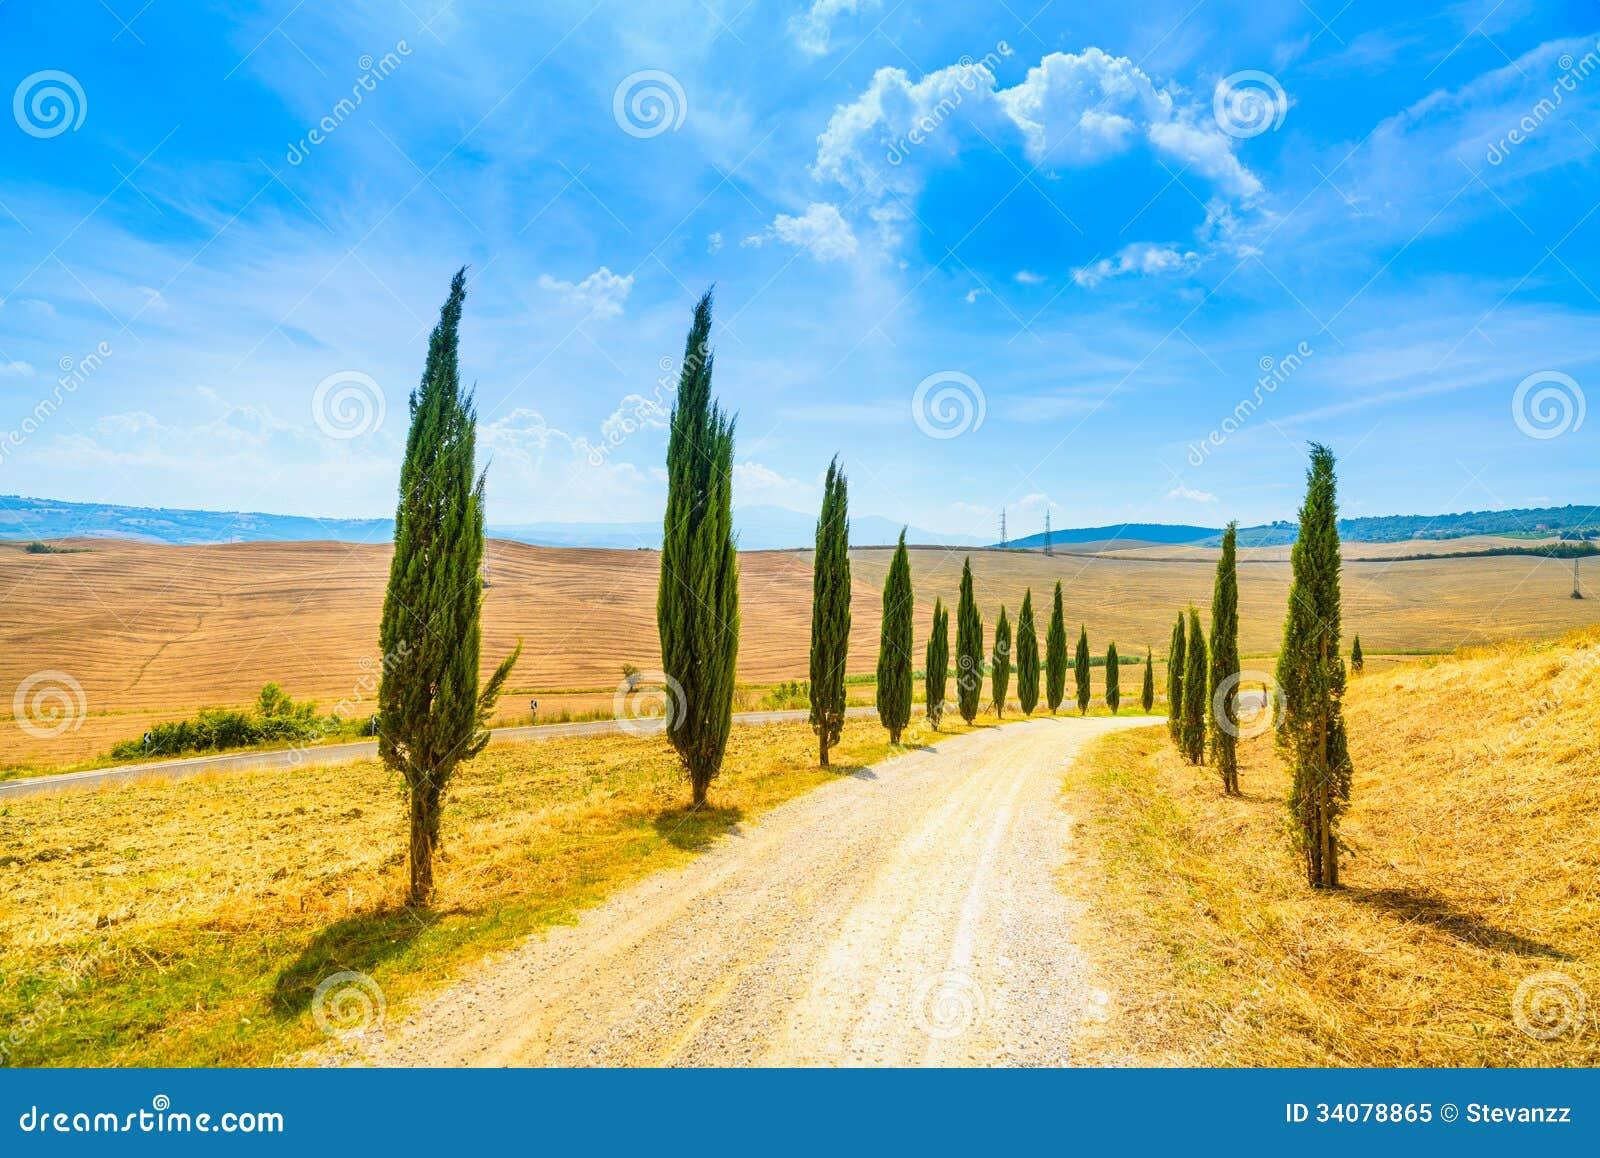 Tuscany, Cyprysowi drzewa biały drogowy wiejski krajobraz, Włochy, Europa